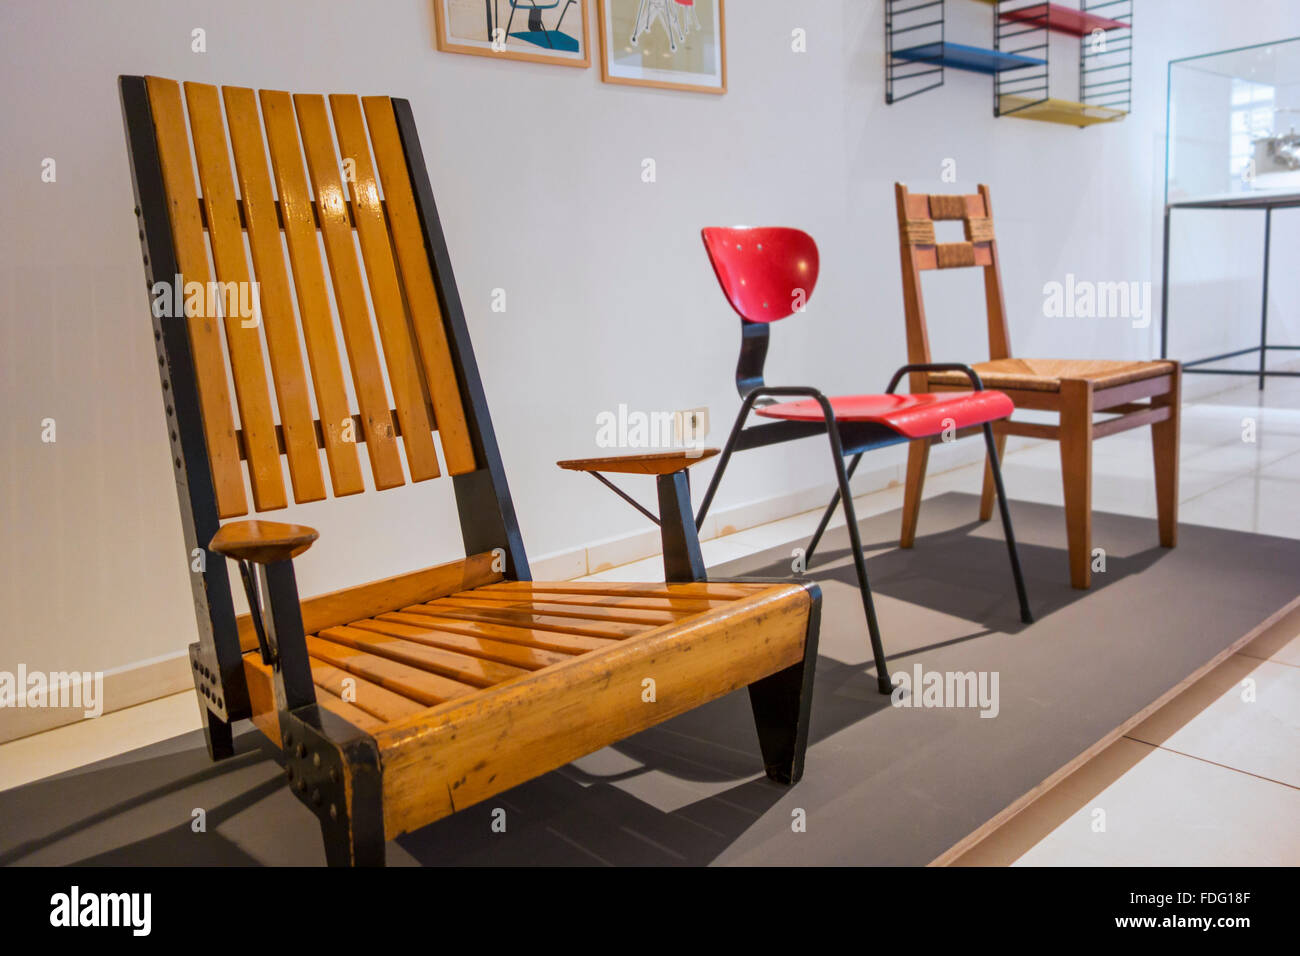 Contemporaneo di sedie in legno e mobili degli anni cinquanta nel